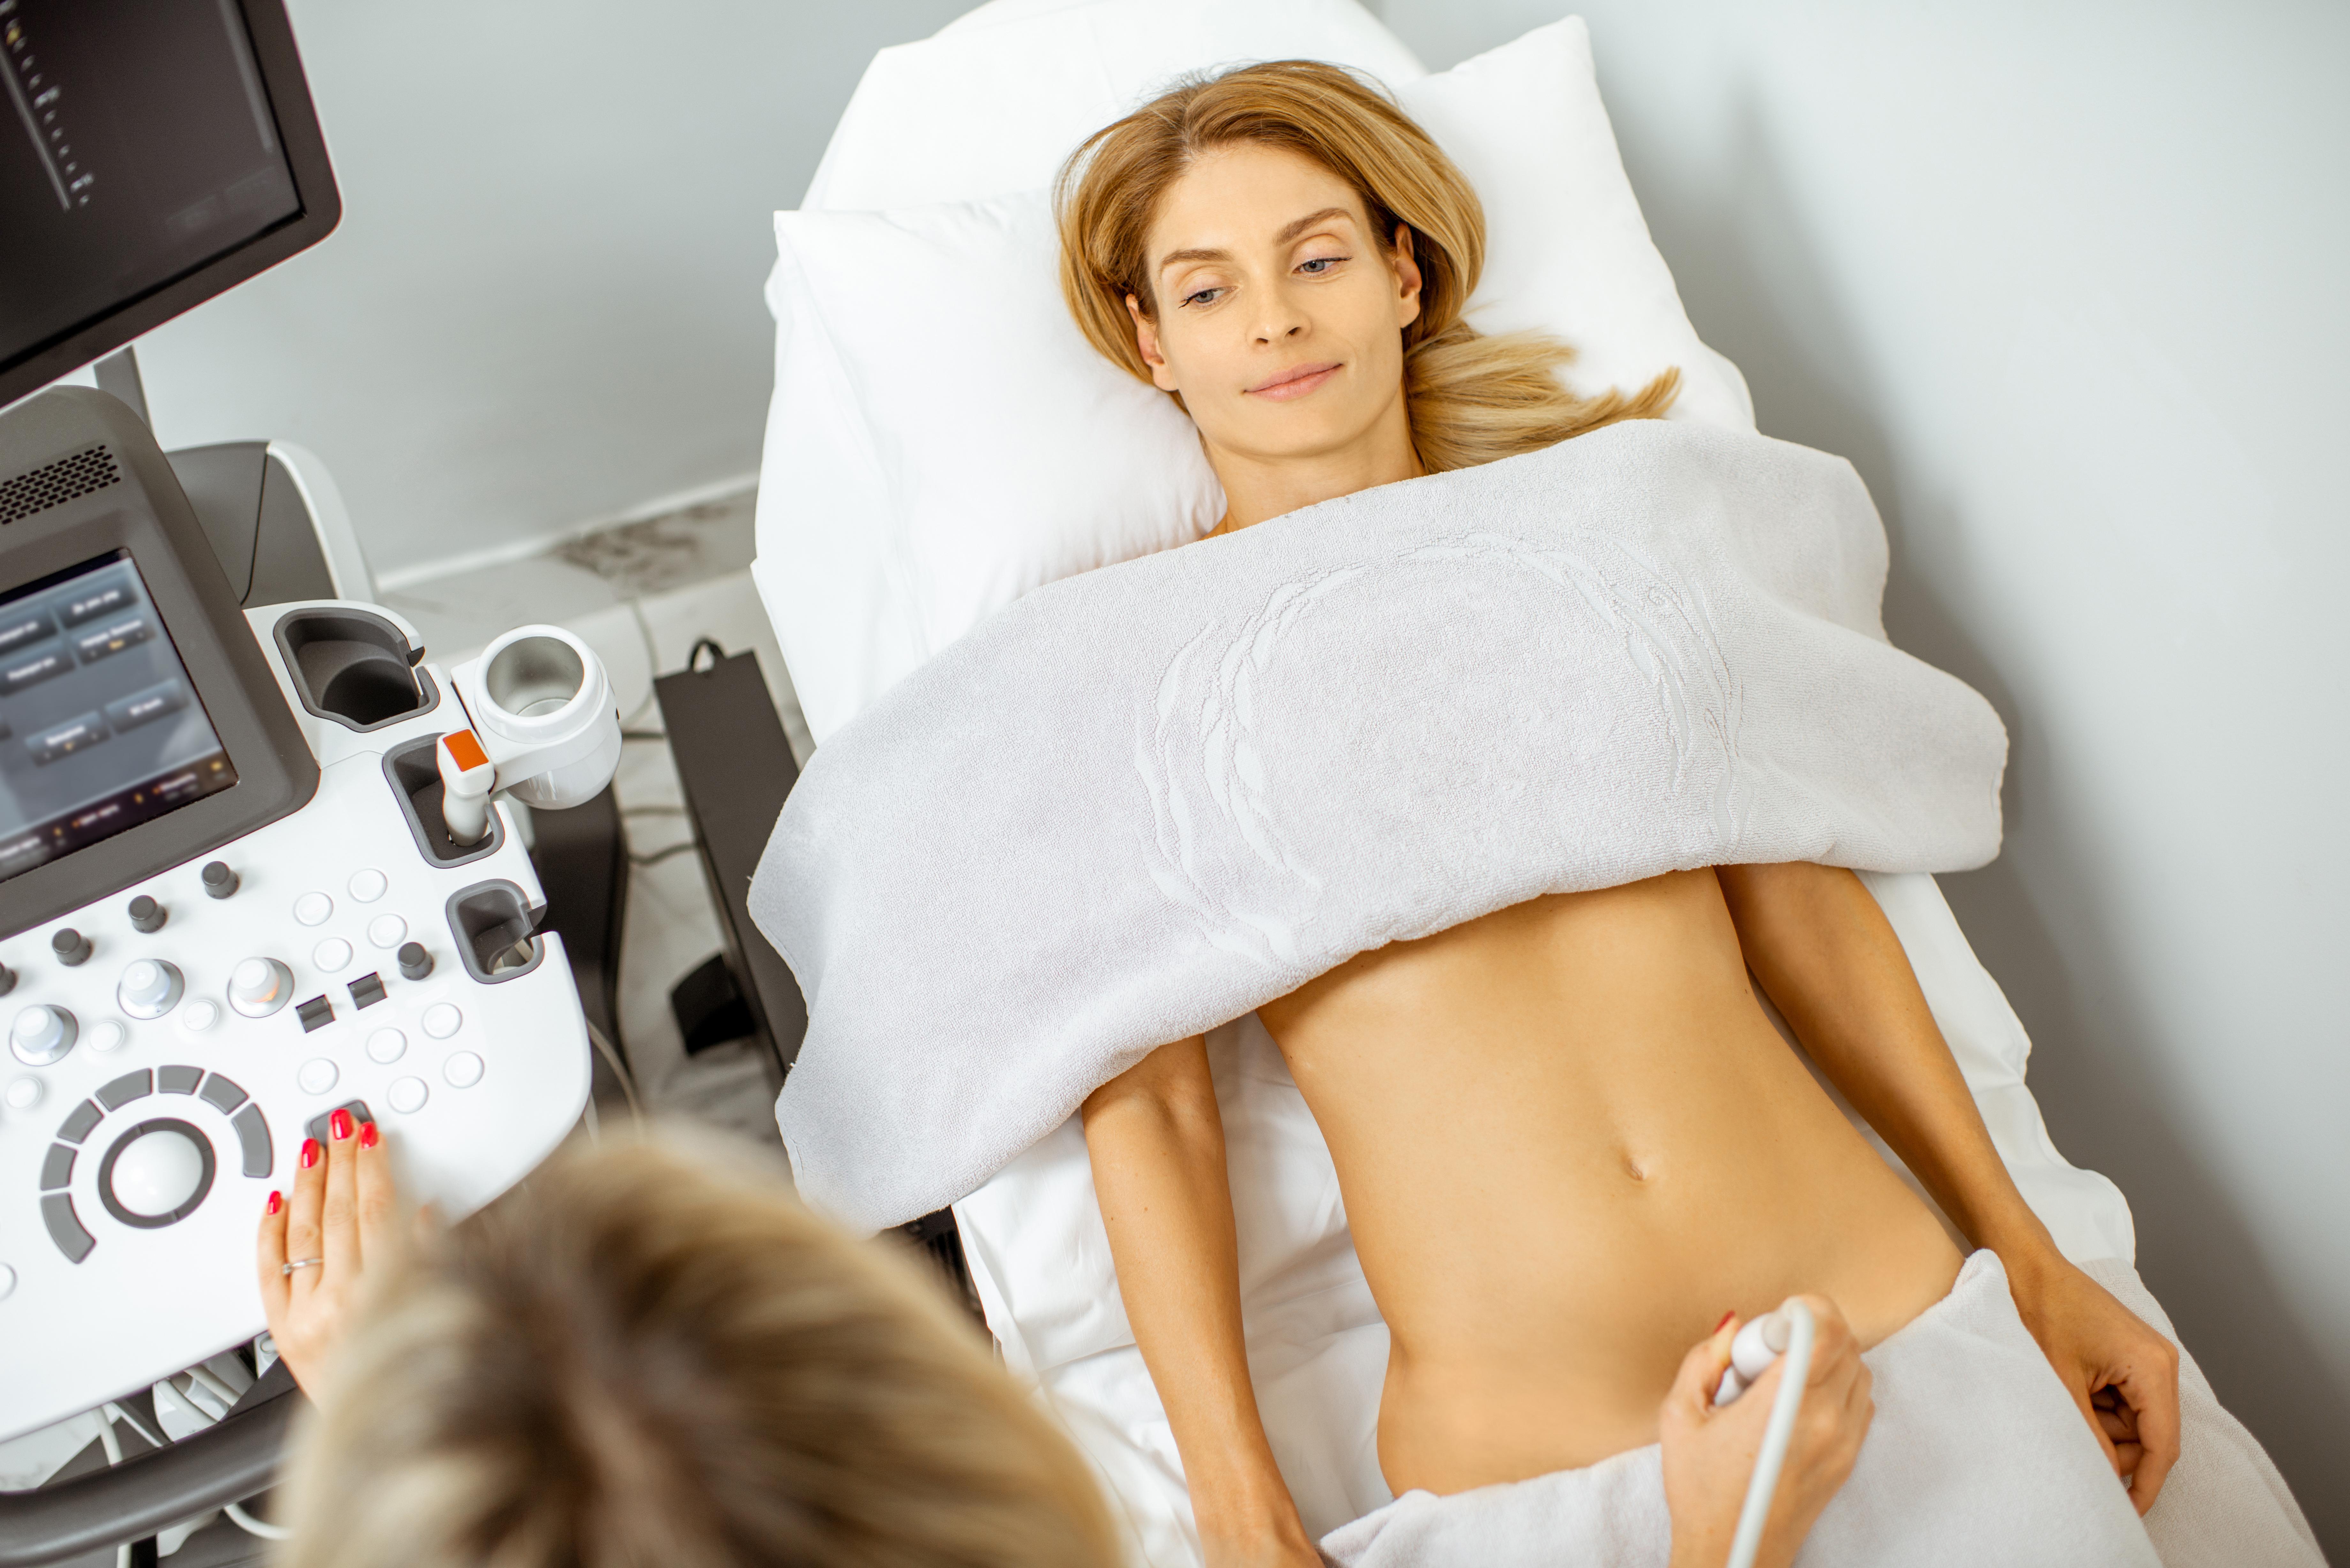 Pelvic ultrasound